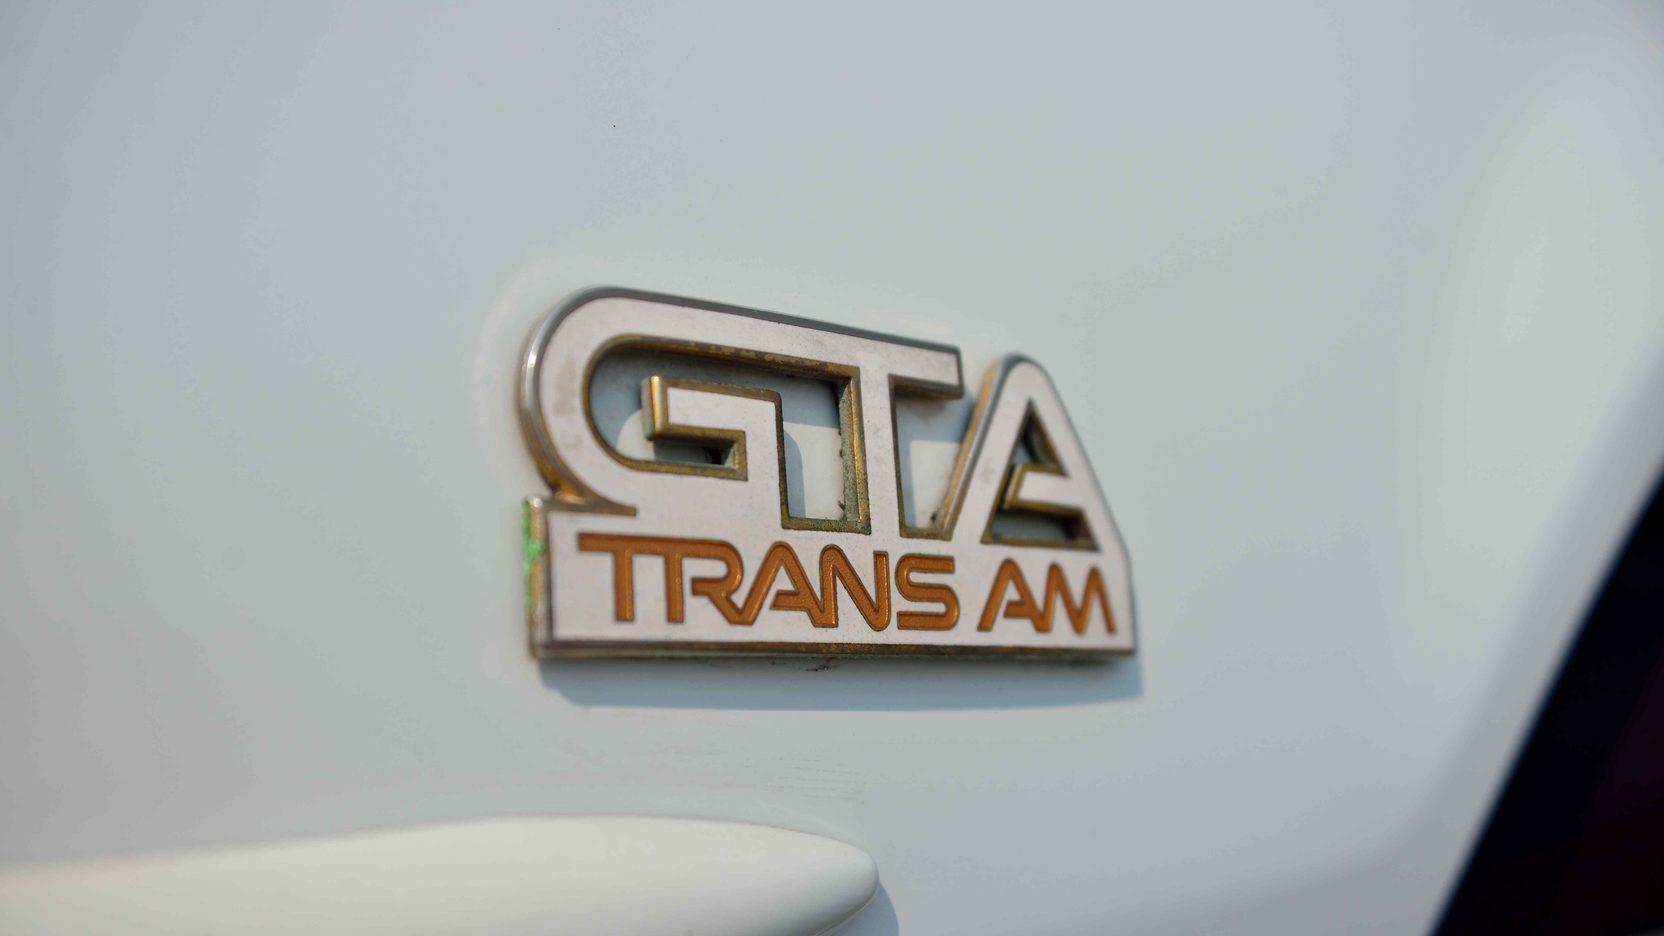 1991 Pontiac Trans Am badge